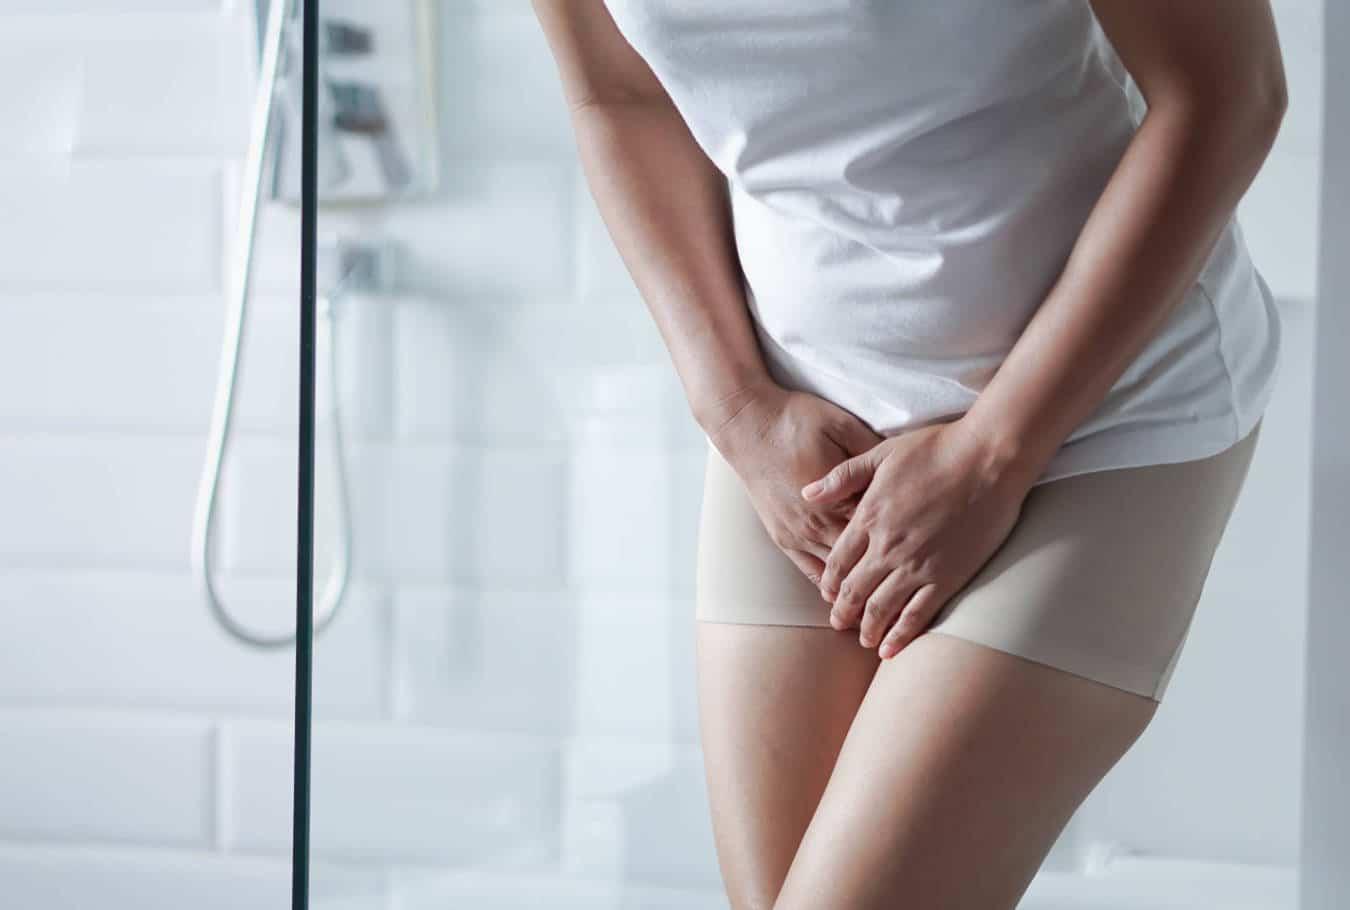 Dolegliwości ze strony układu moczowego – jak sobie radzić?